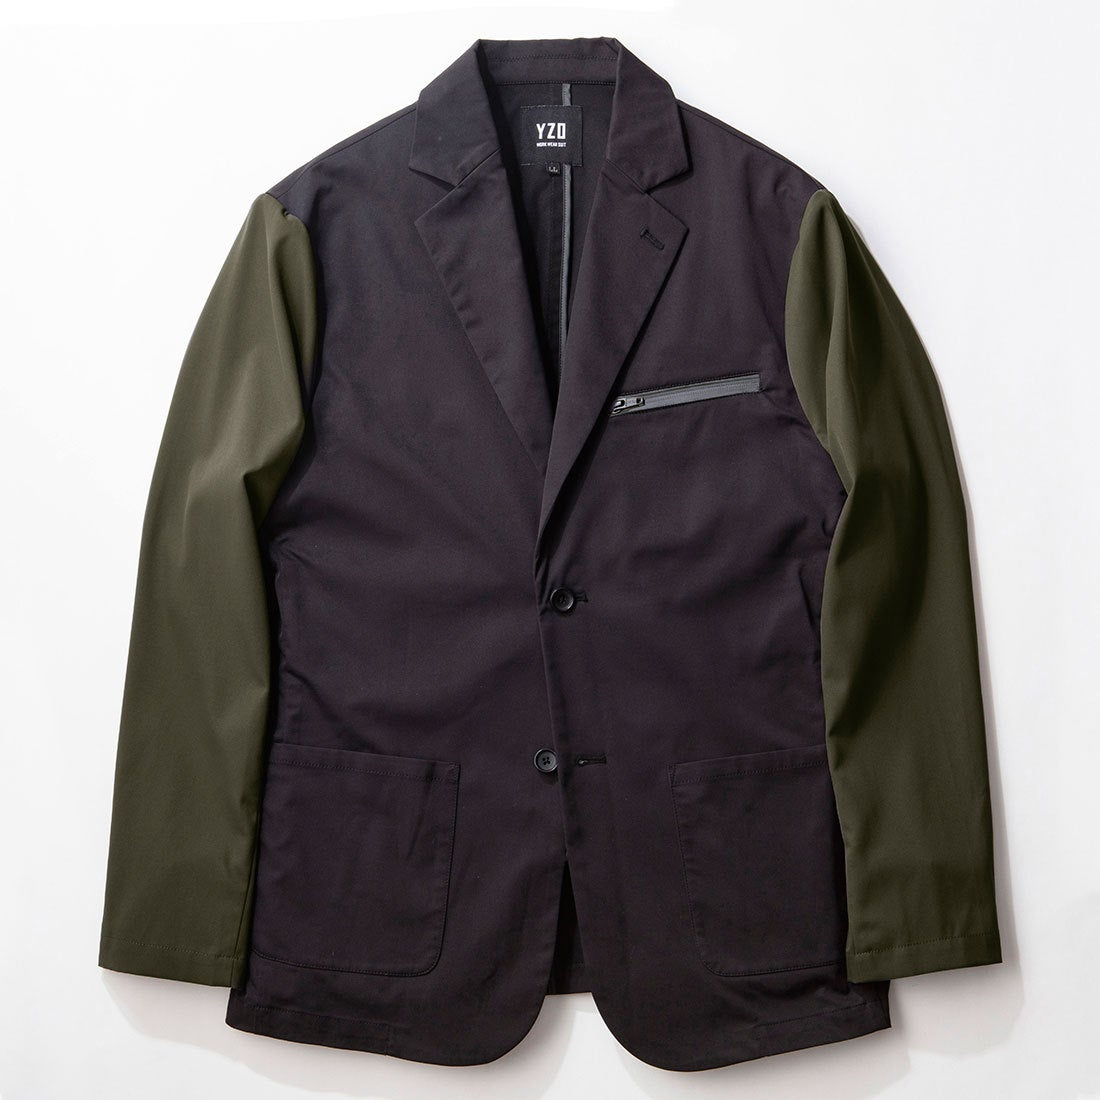 YZO バイカラーテーラードジャケット(カーキ×ブラック)